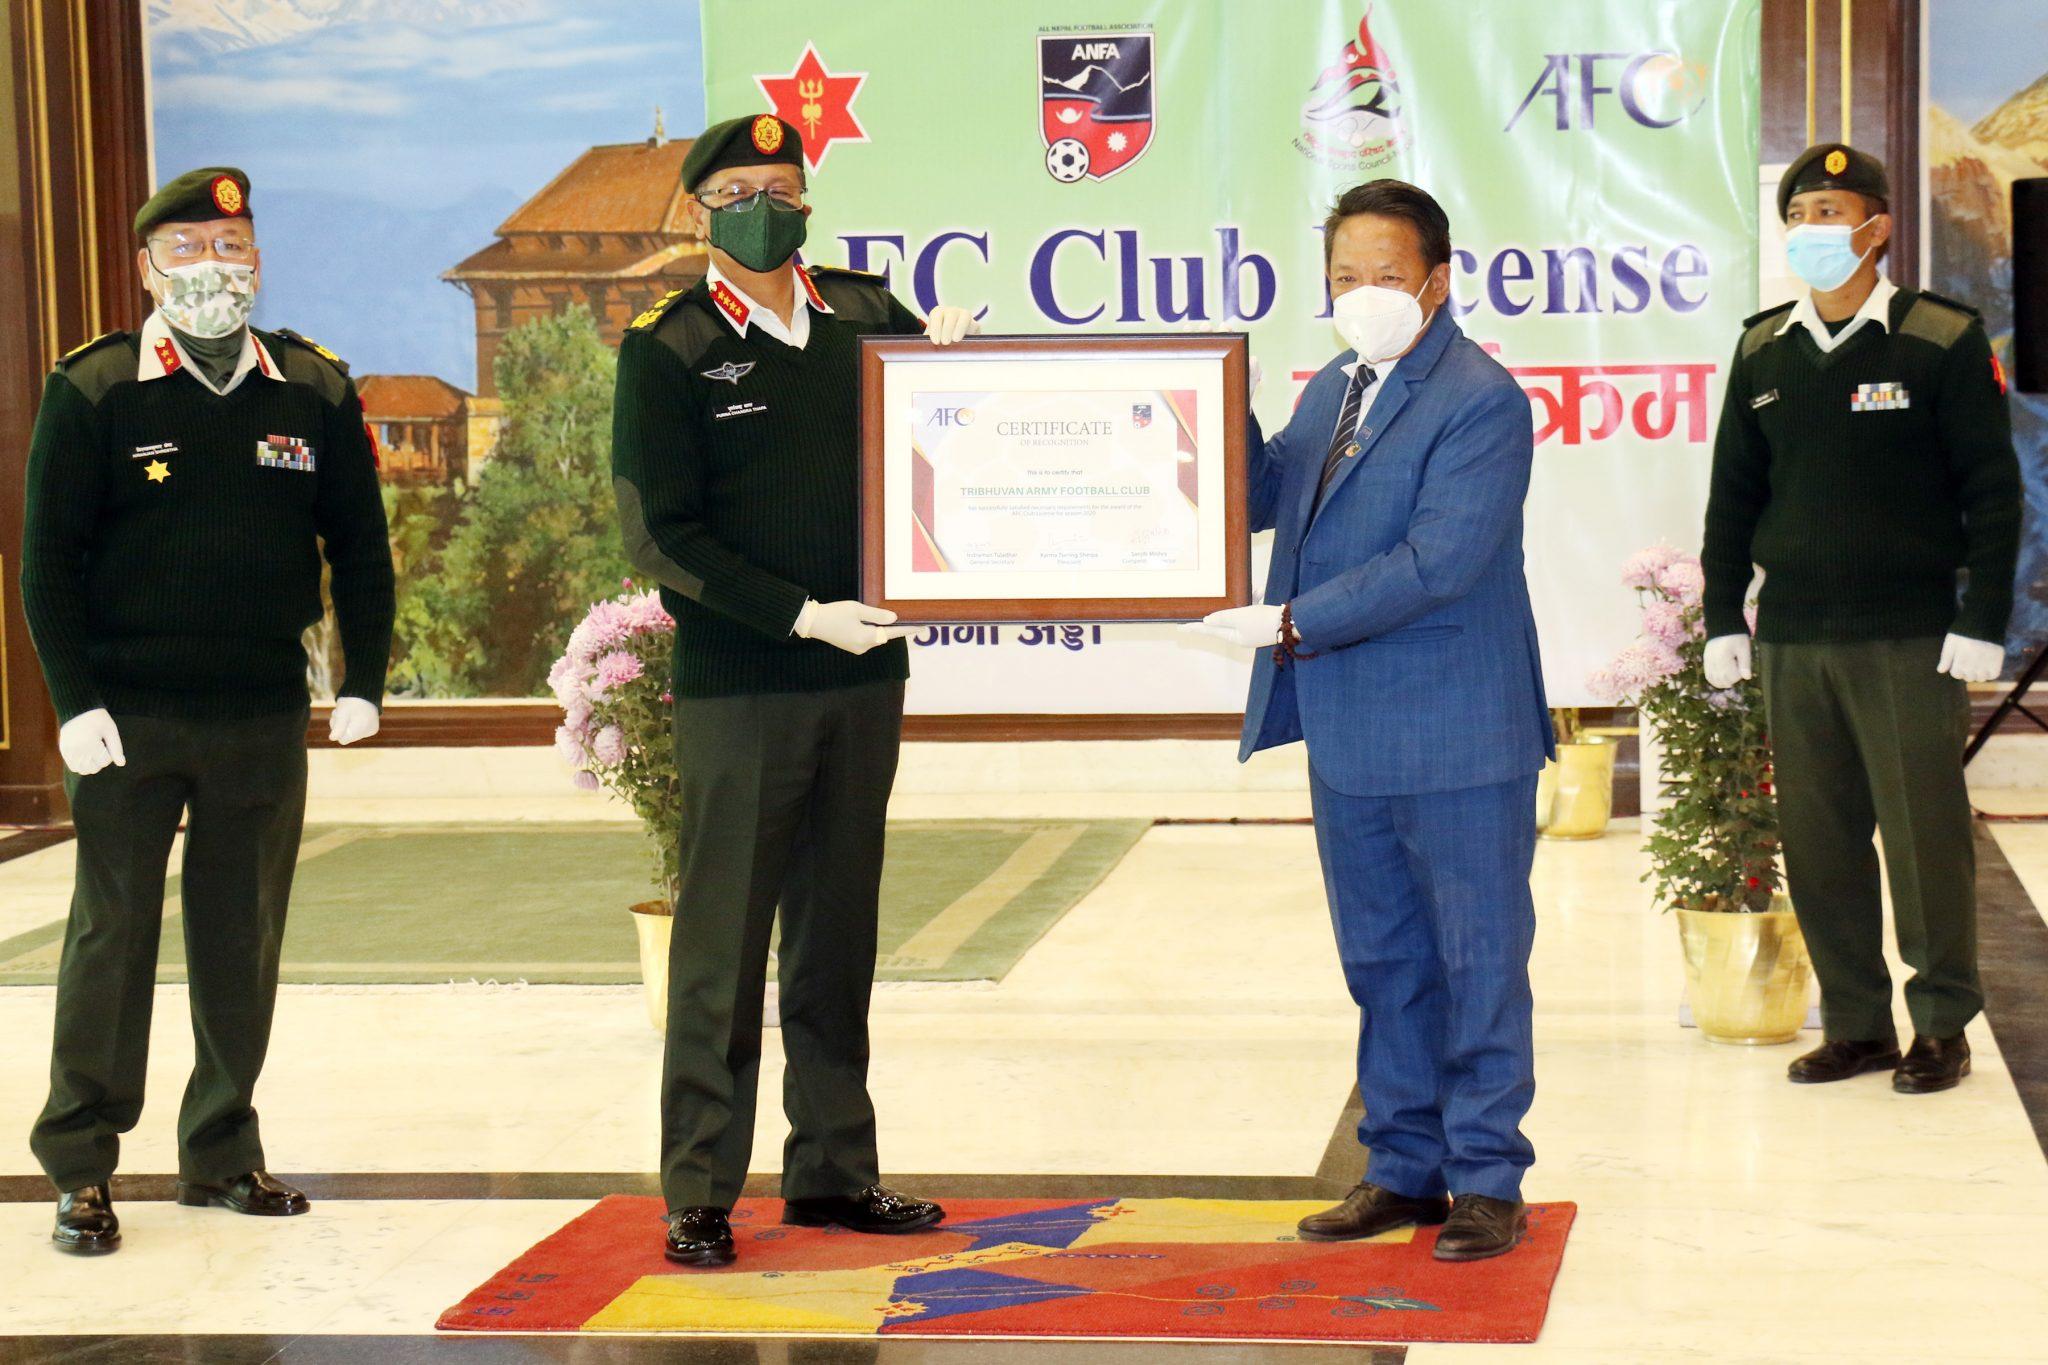 त्रिभुवन आर्मी क्लवले पायो एएफसी कप क्लब लाइसेन्स